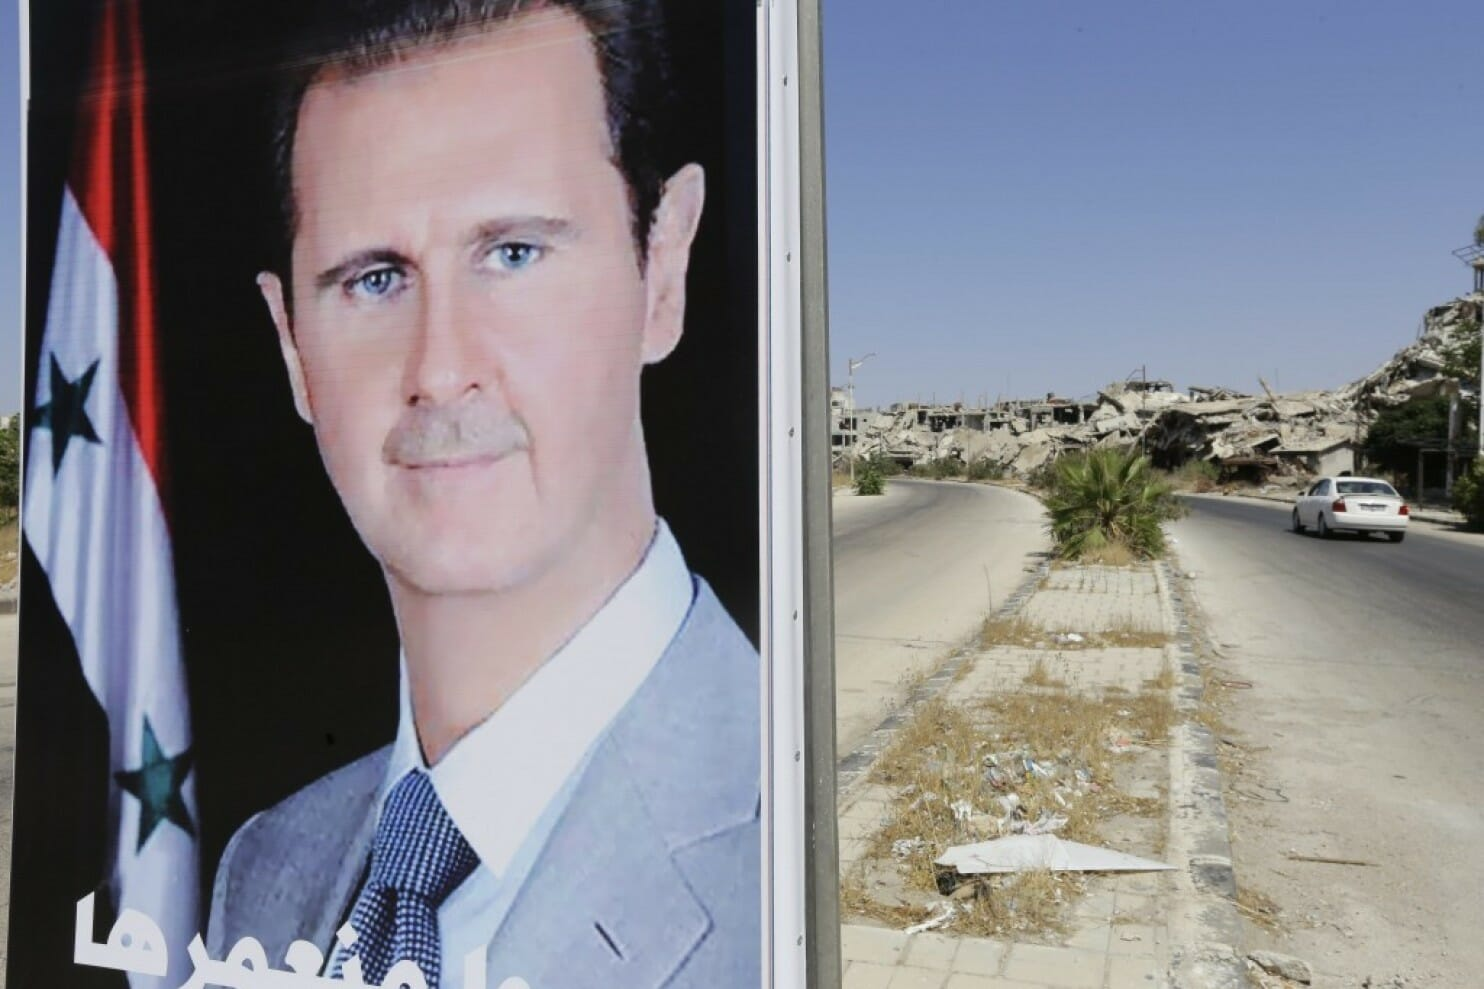 Neues Gesetz: Assad lässt Flüchtlinge enteignen